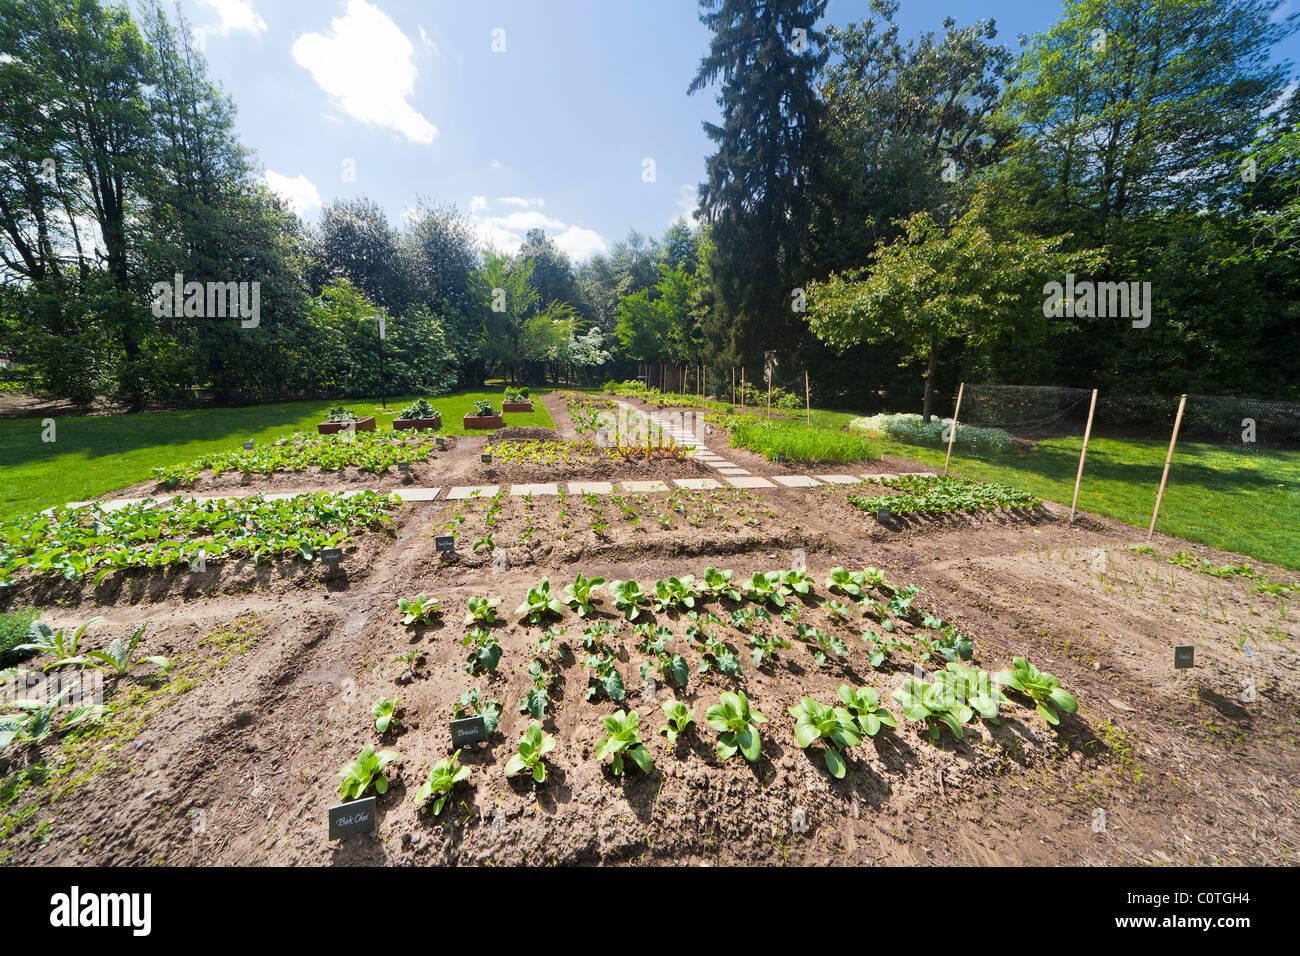 Michelle Obama's organic Kitchen Garden of The White House in spring. Washington DC. Bok Choi; Broccoli, Kohlrabi, - Stock Image